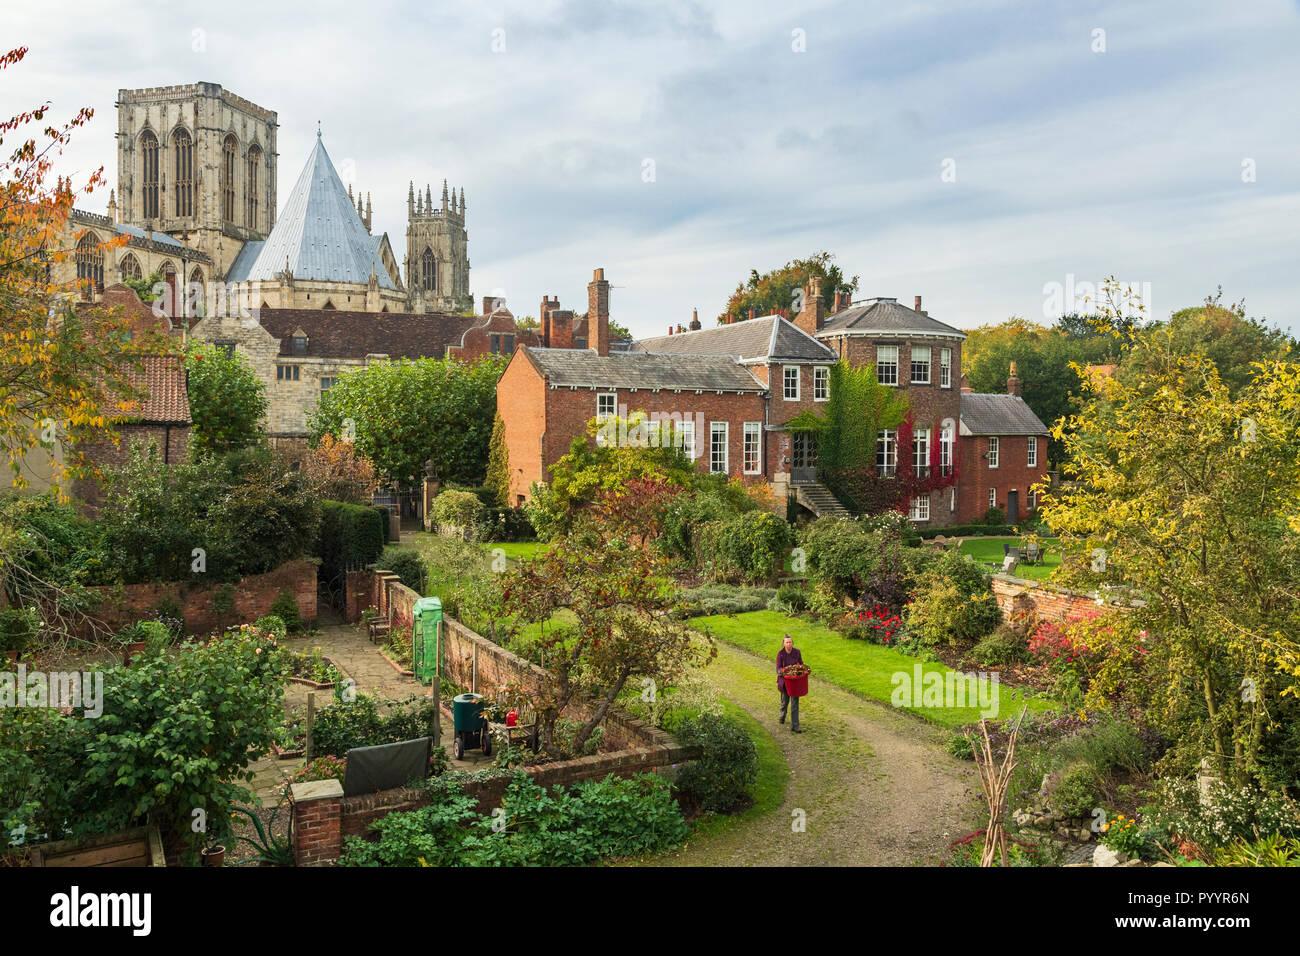 Vista panorámica de los edificios históricos de las murallas de la ciudad - Grises Corte (jardinero) Ministro de Trabajo y la Casa del Tesorero, York, North Yorkshire, Inglaterra, Reino Unido. Foto de stock